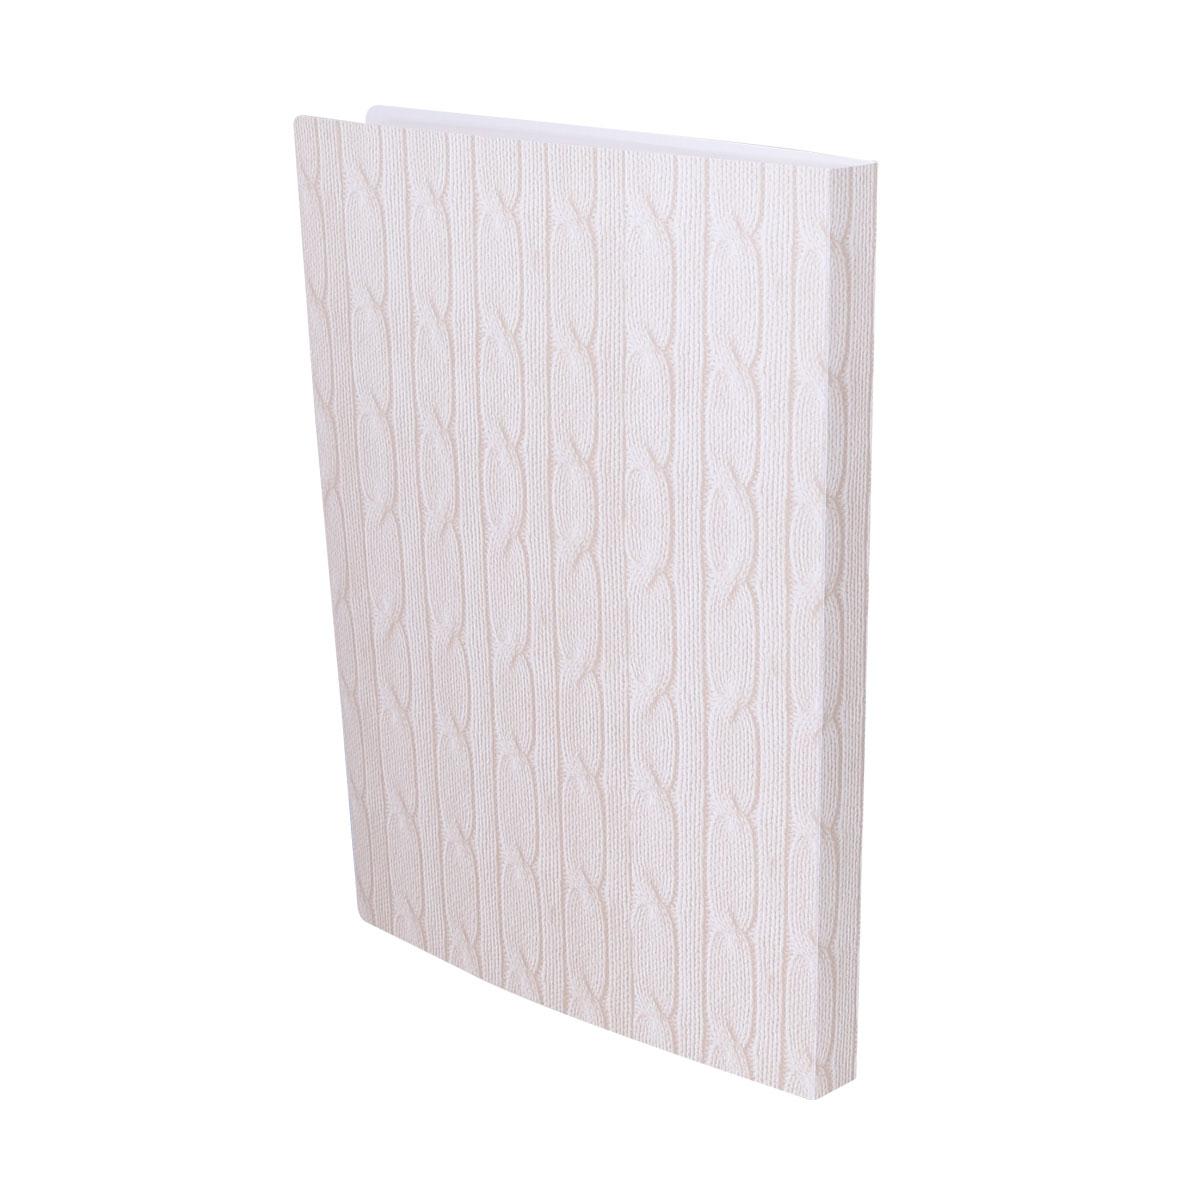 ملف شفاف لحفظ الاوراق - سعة 30 ورقة - رقم 20481 من ماي مارت